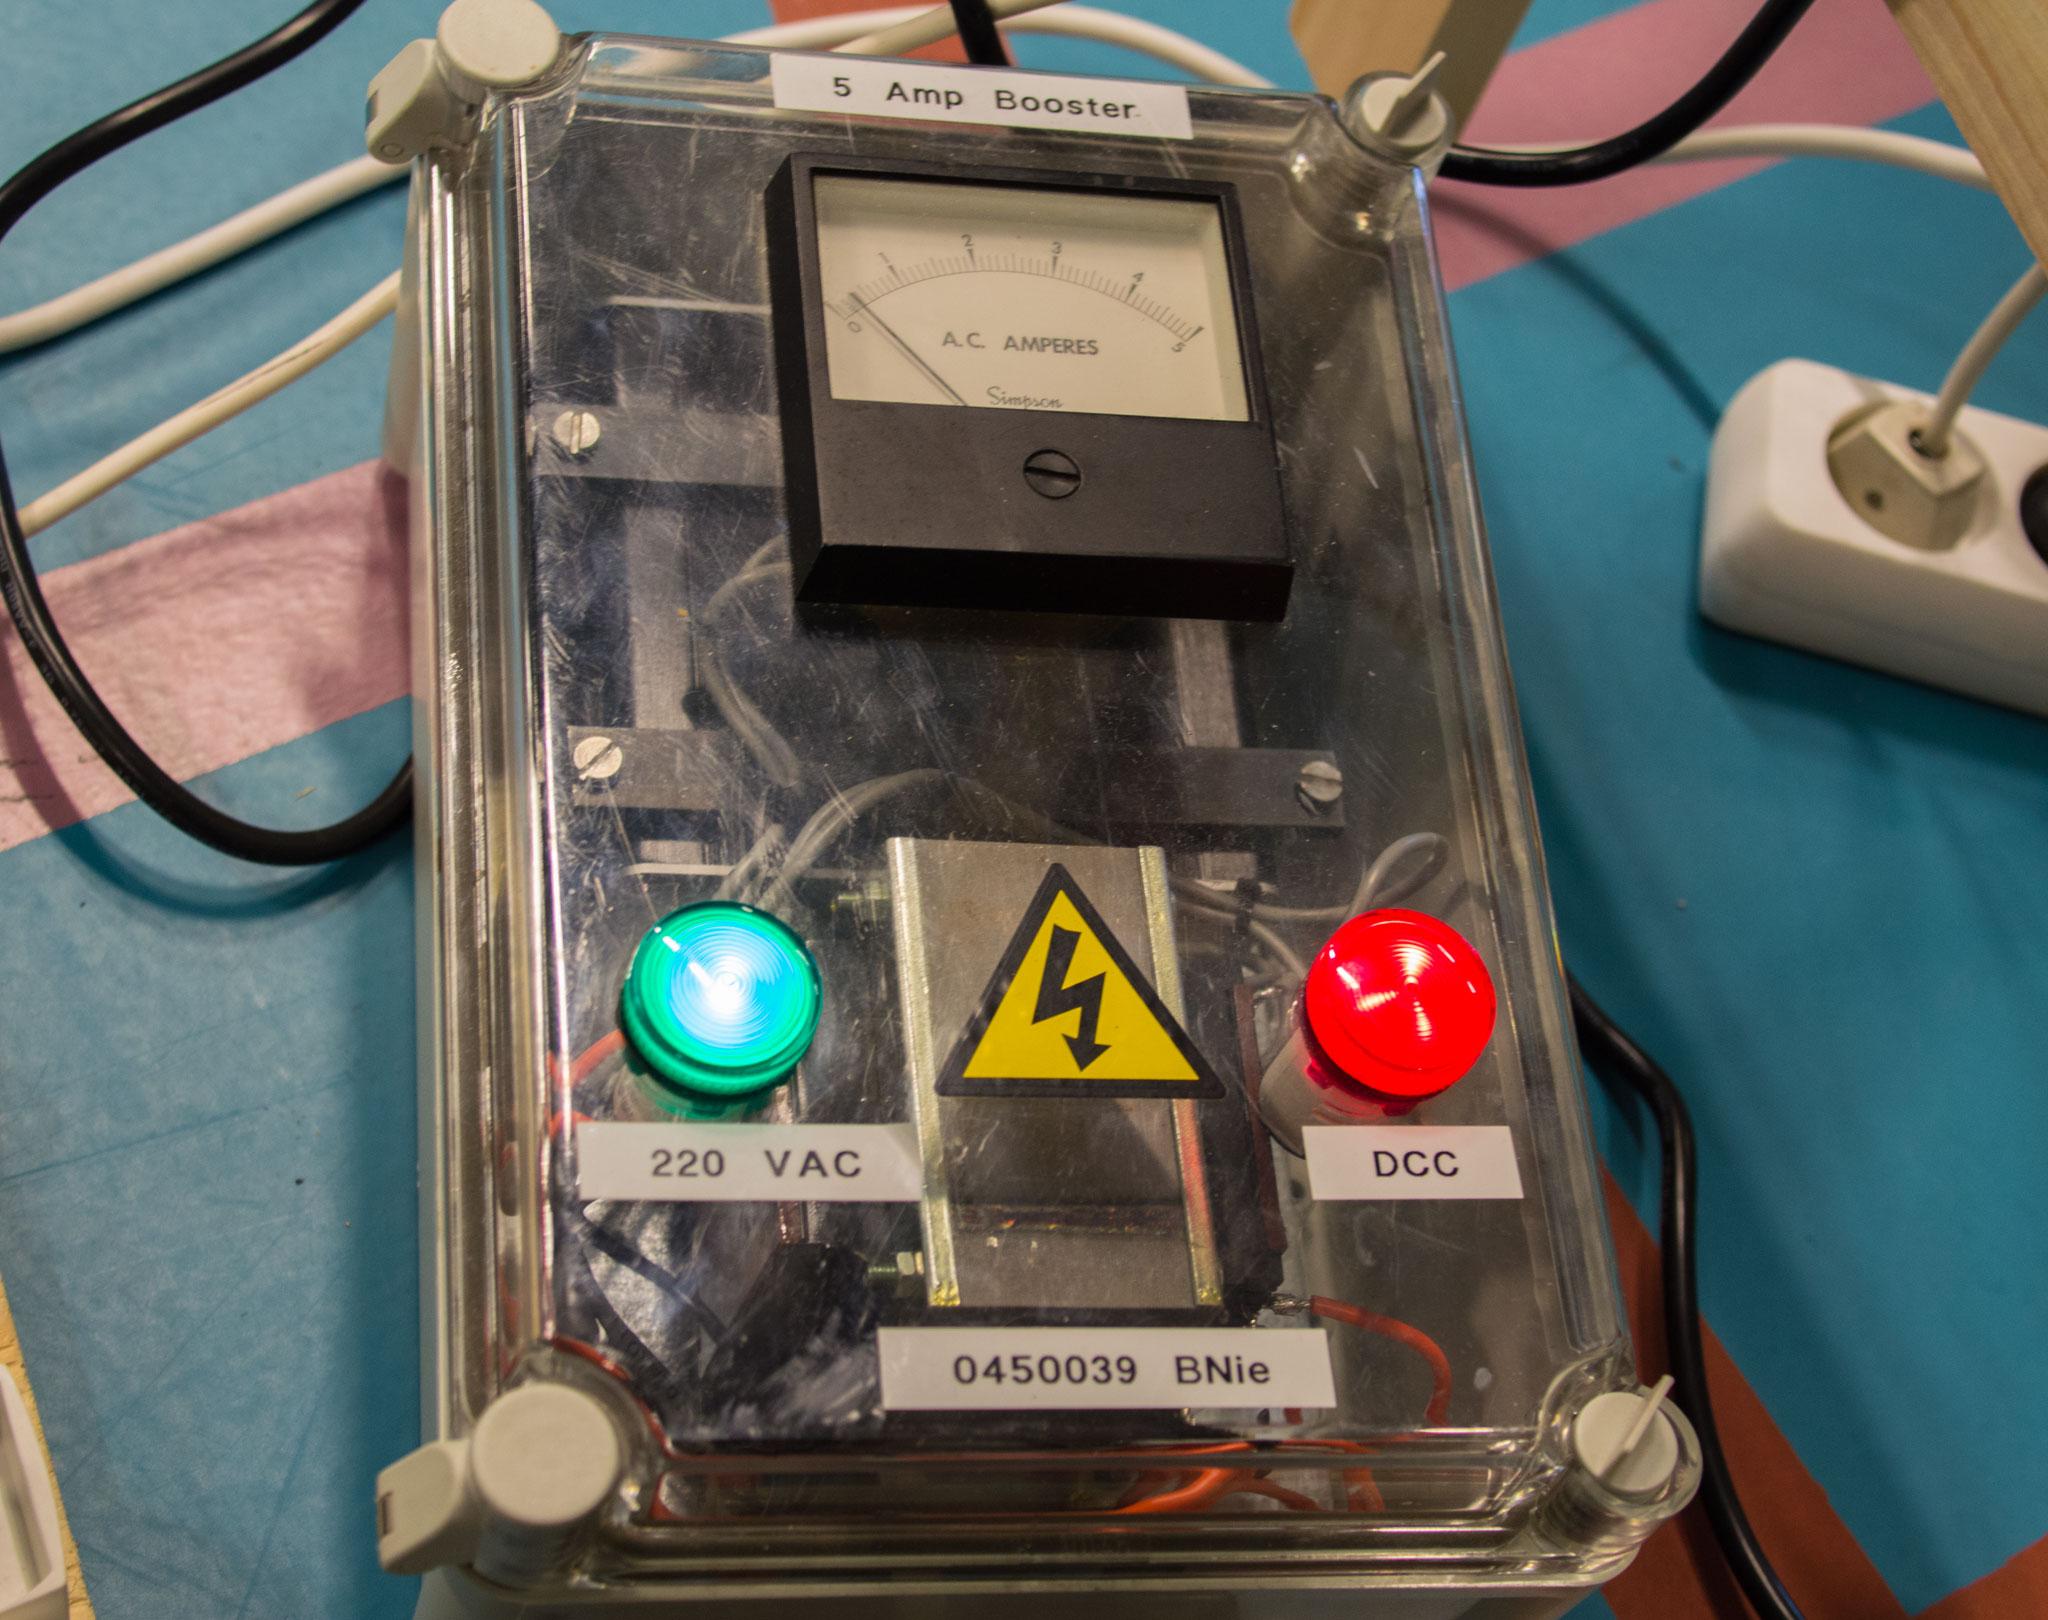 Et eksempel på en booster, som forstærker DCC-signalet fra master'en, inden det sendes ud i skinnenettet